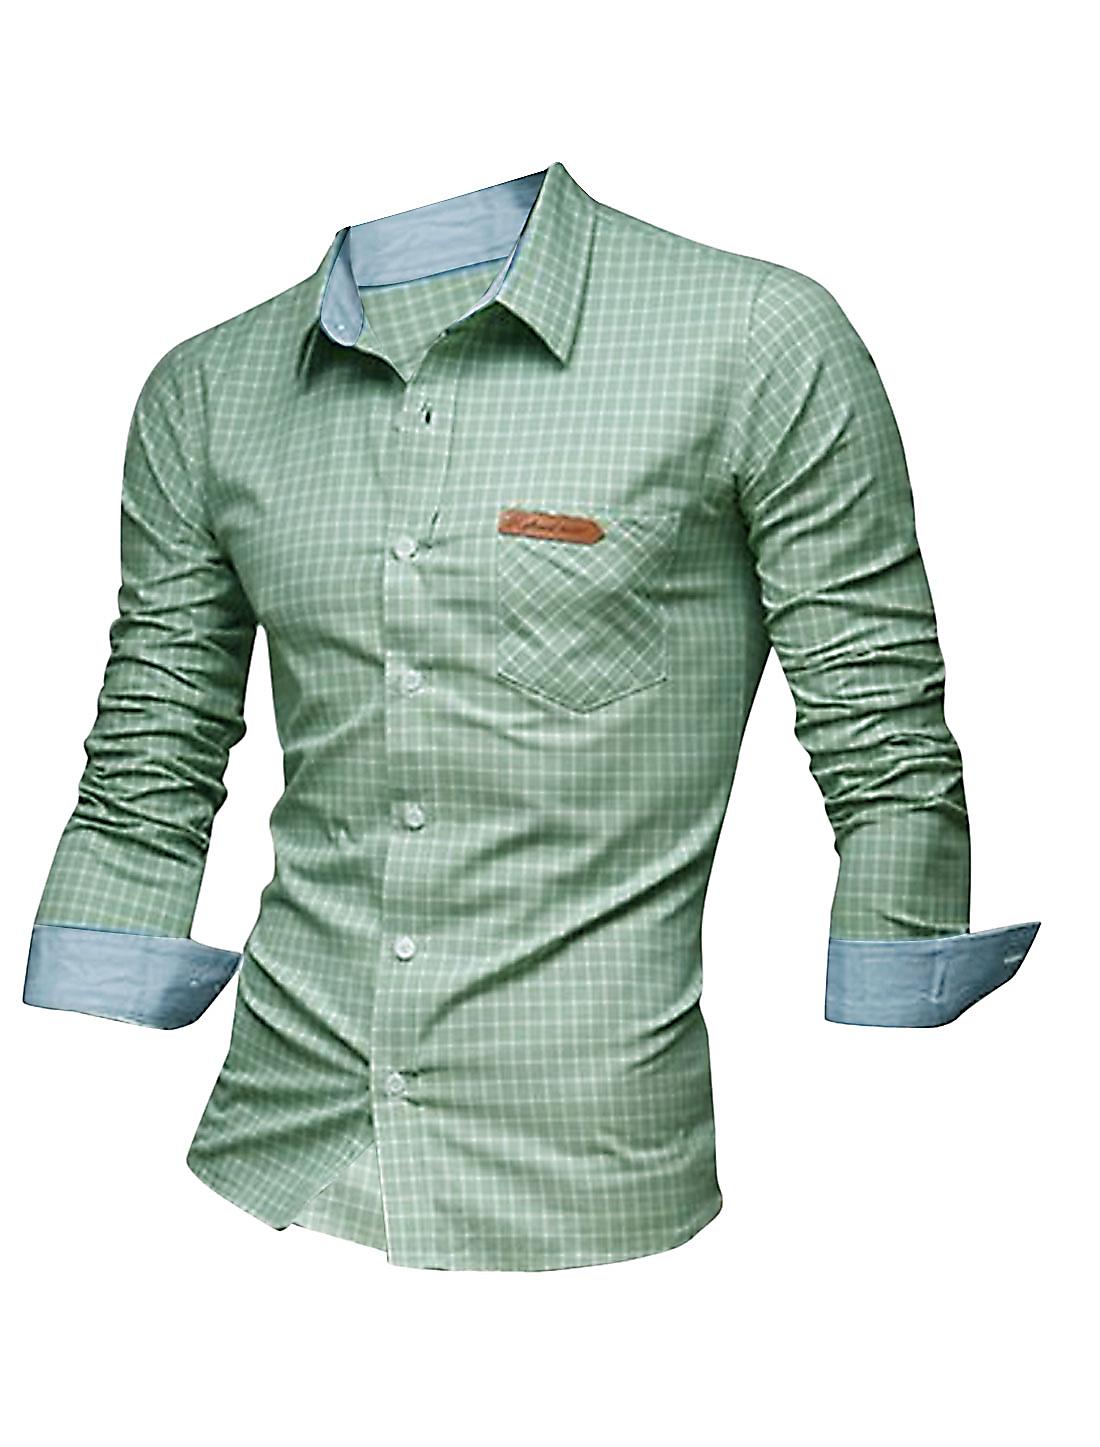 Men Point Collar Plaids Single Breasted Gentleman Shirt Grass Green M